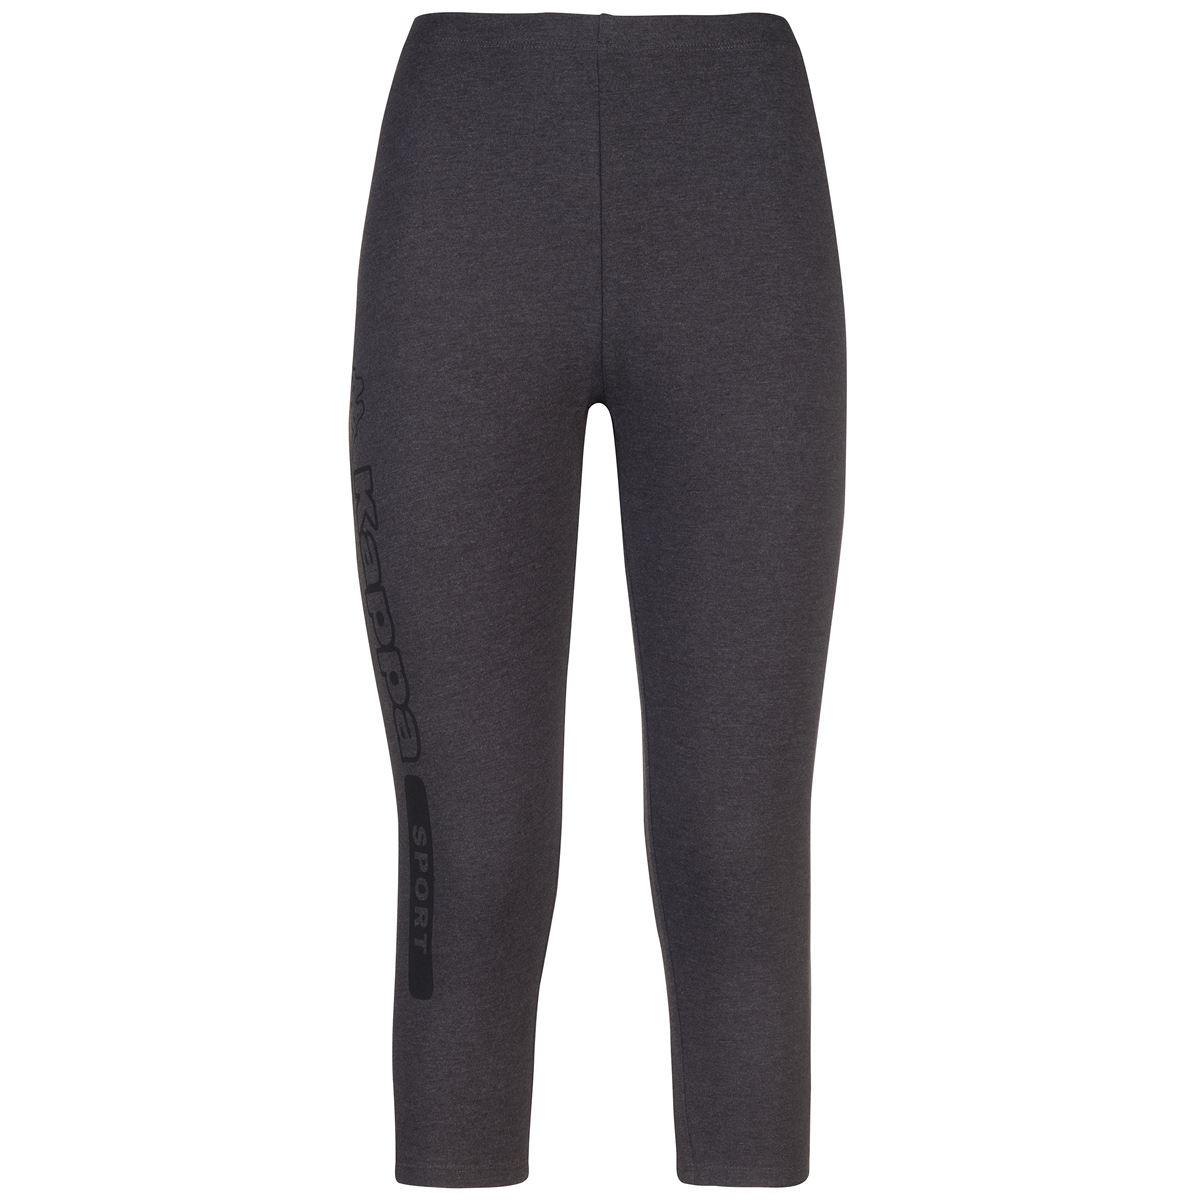 Kappa Pantaloni donna-304IG80